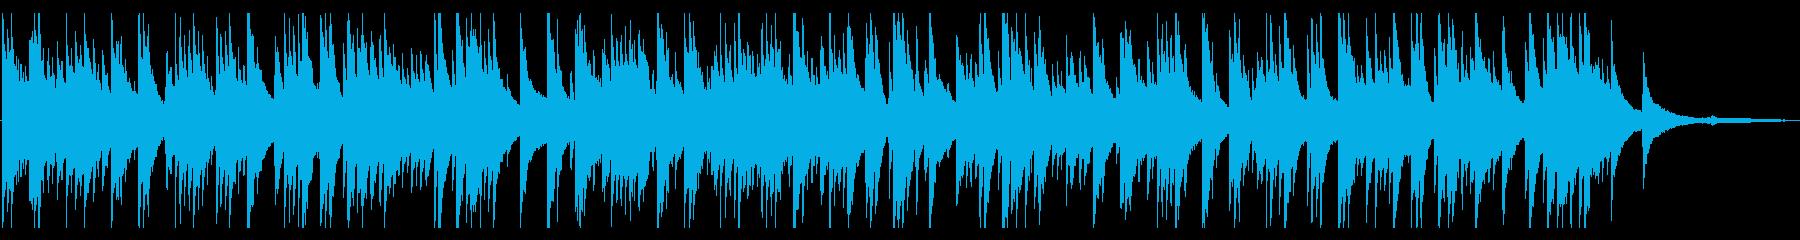 優しくて切ないピアノソロBGMの再生済みの波形